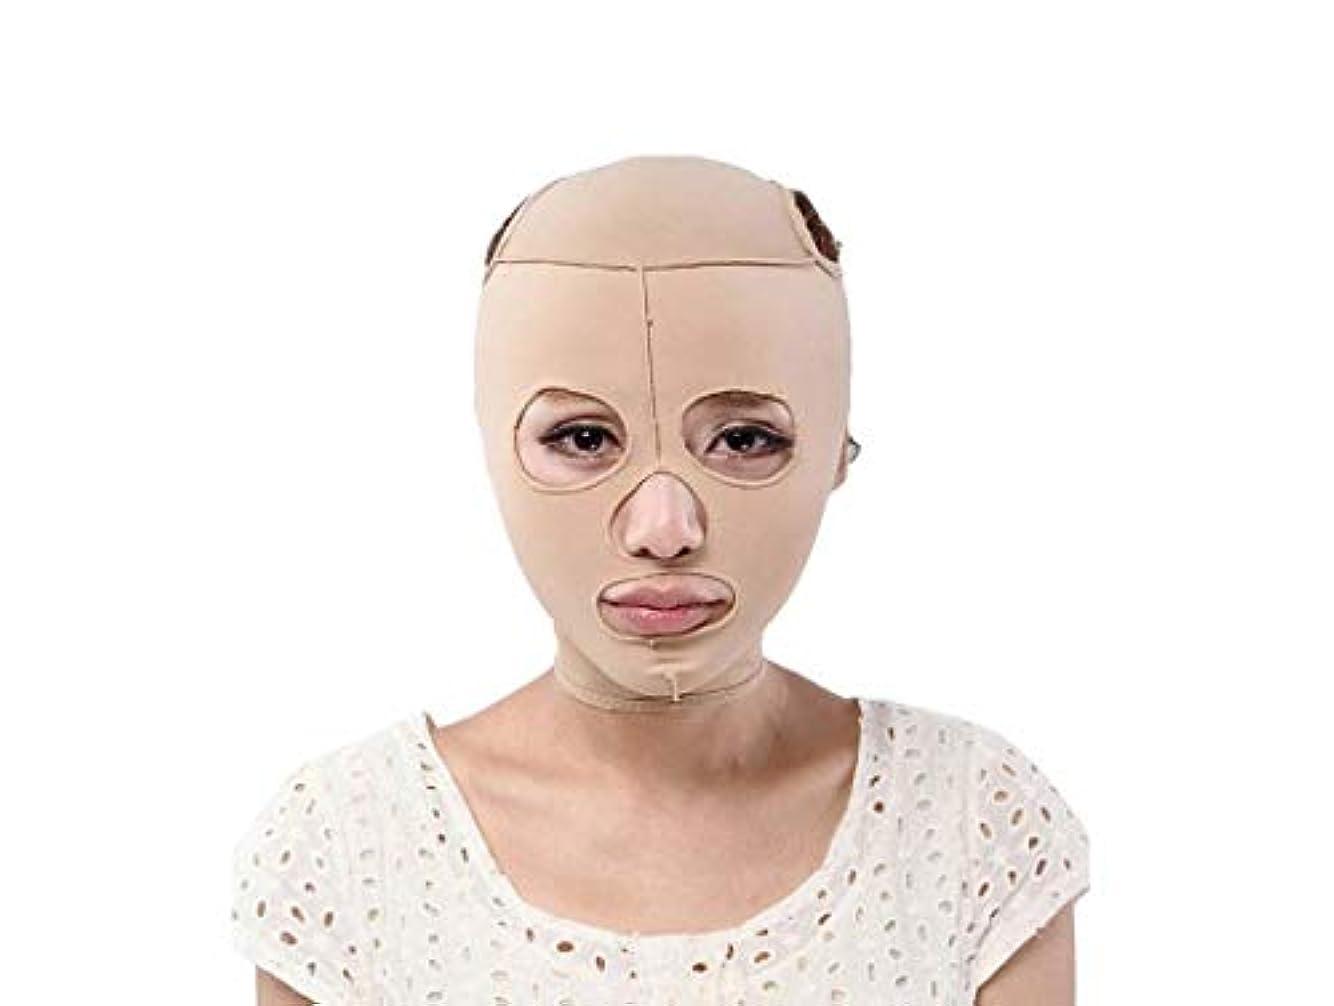 マニフェスト慢認証痩身ベルト、フェイスマスクシンフェイス機器リフティング引き締めVフェイス男性と女性フェイスリフティングステッカーダブルチンフェイスリフティングフェイスマスク包帯フェイシャルマッサージ(サイズ:XL)